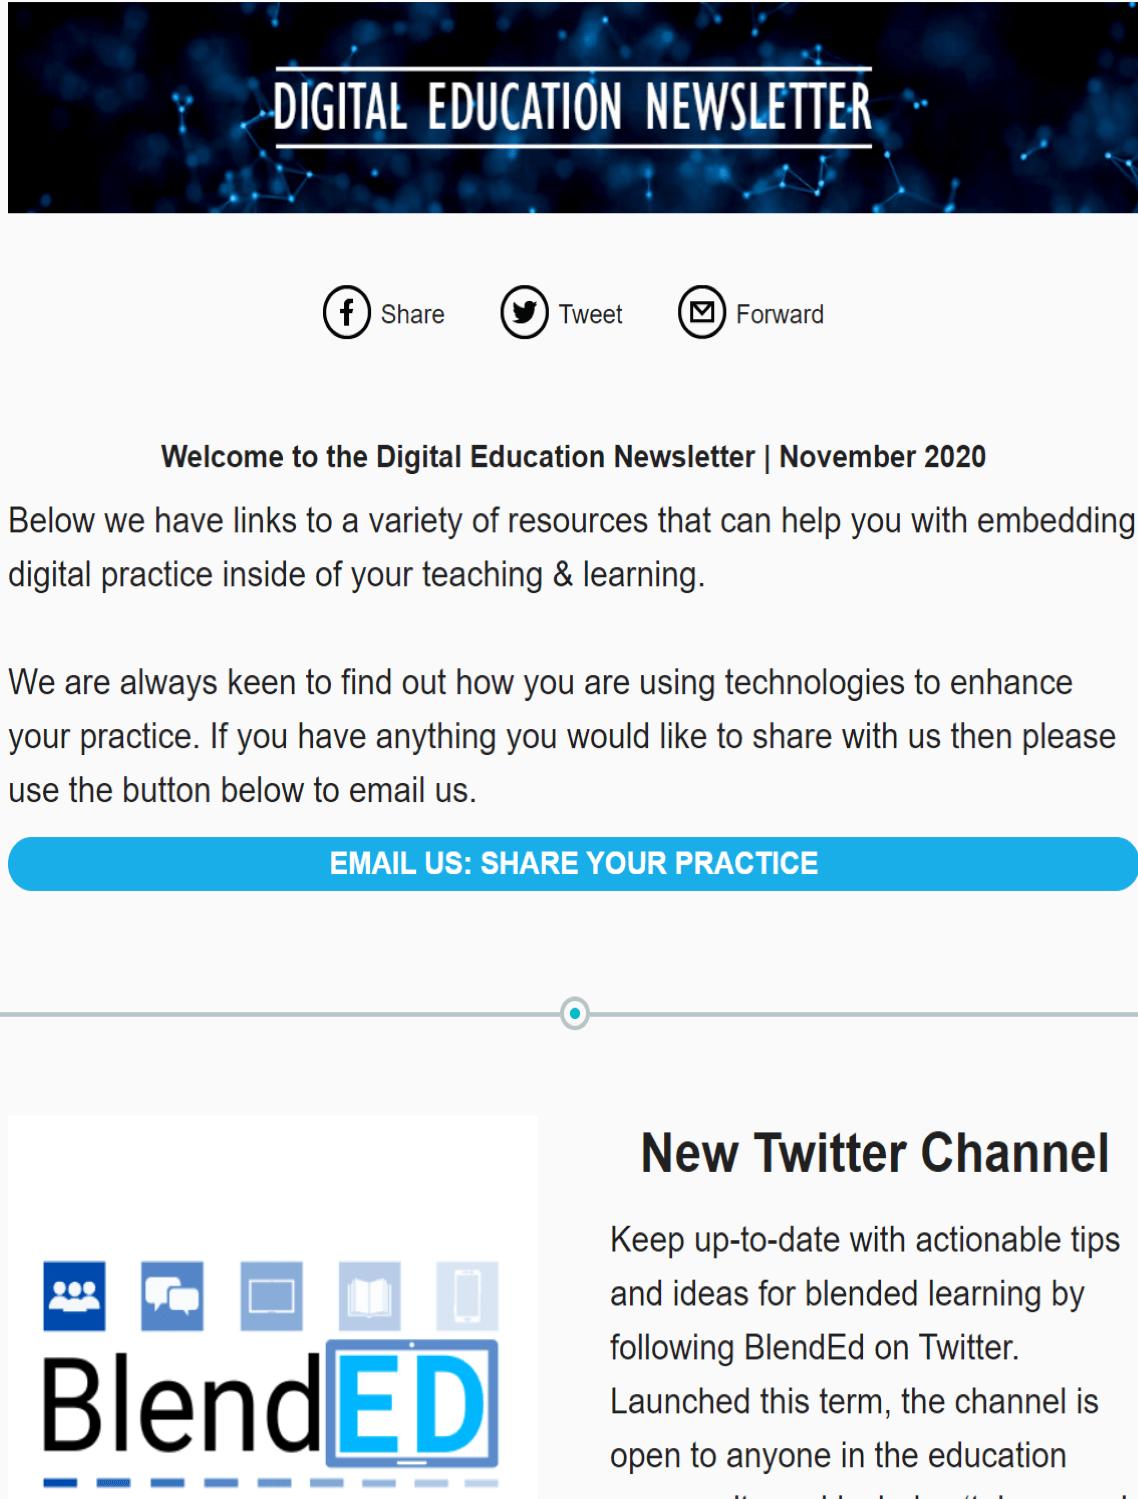 Digital Education Newsletter, November 2020.